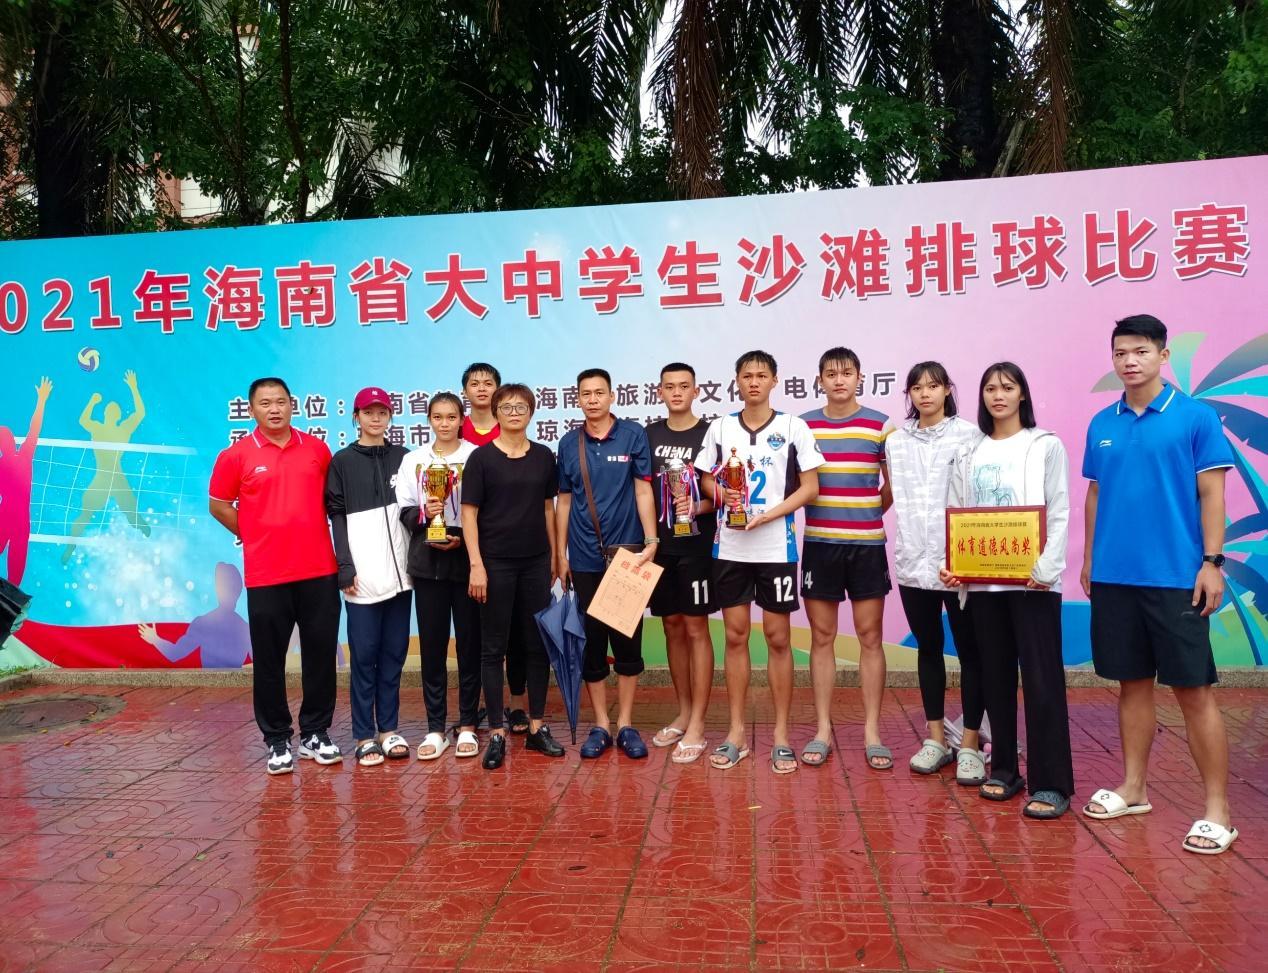 海南大学沙排运动队在2021年海南省大中学生沙滩排球比赛中再创佳绩